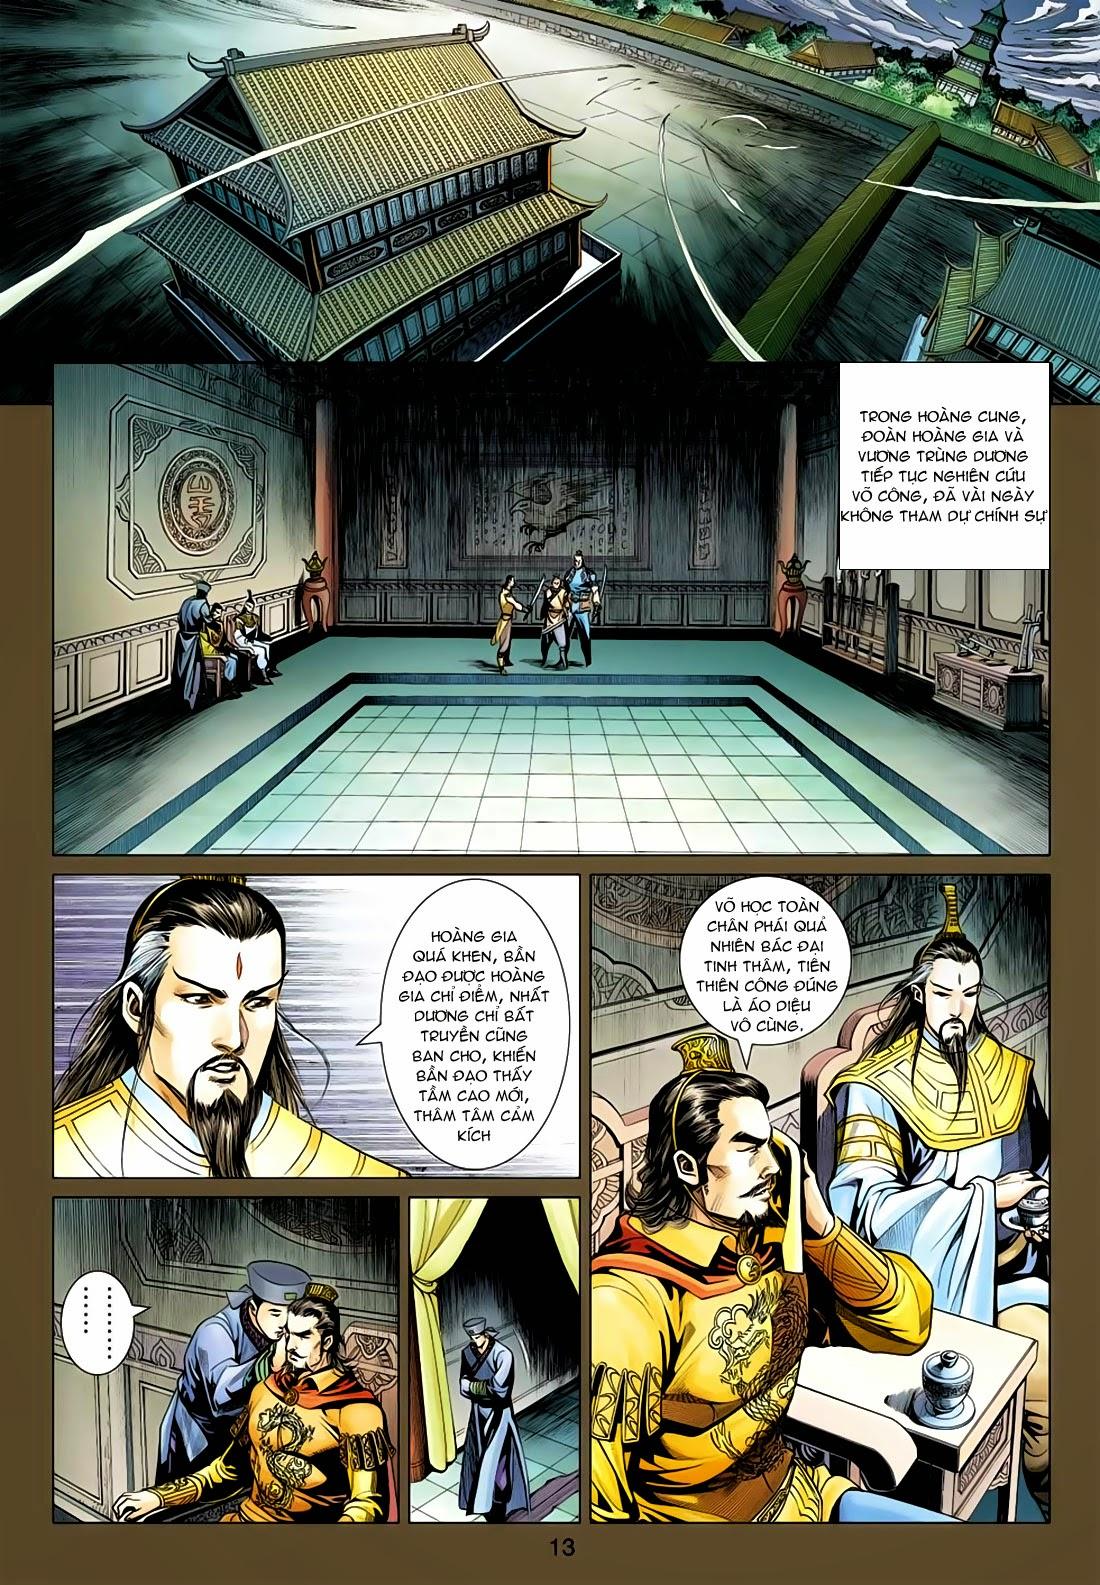 Anh Hùng Xạ Điêu anh hùng xạ đêu chap 77: thế thượng tối cường võ công trang 13